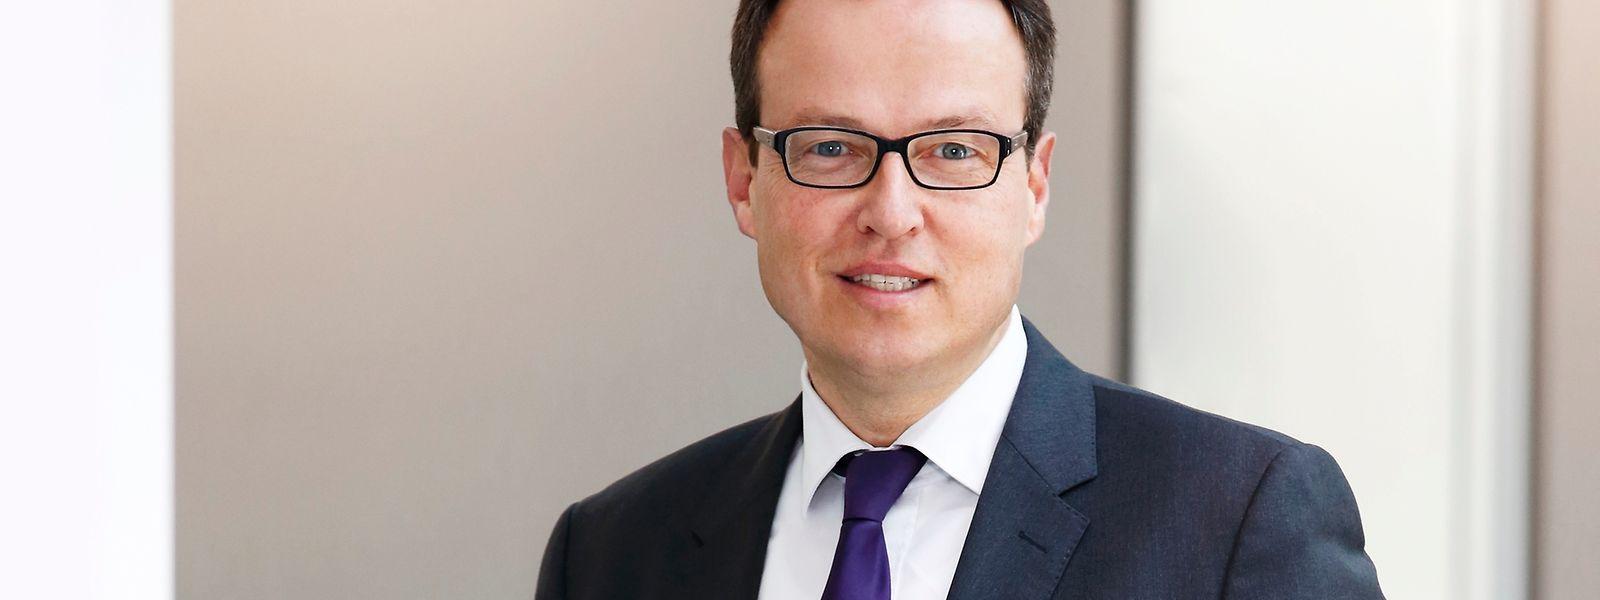 Woebcken war zuvor rund zehn Jahre lang bei BMW unter anderem für den Einkauf zuständig.